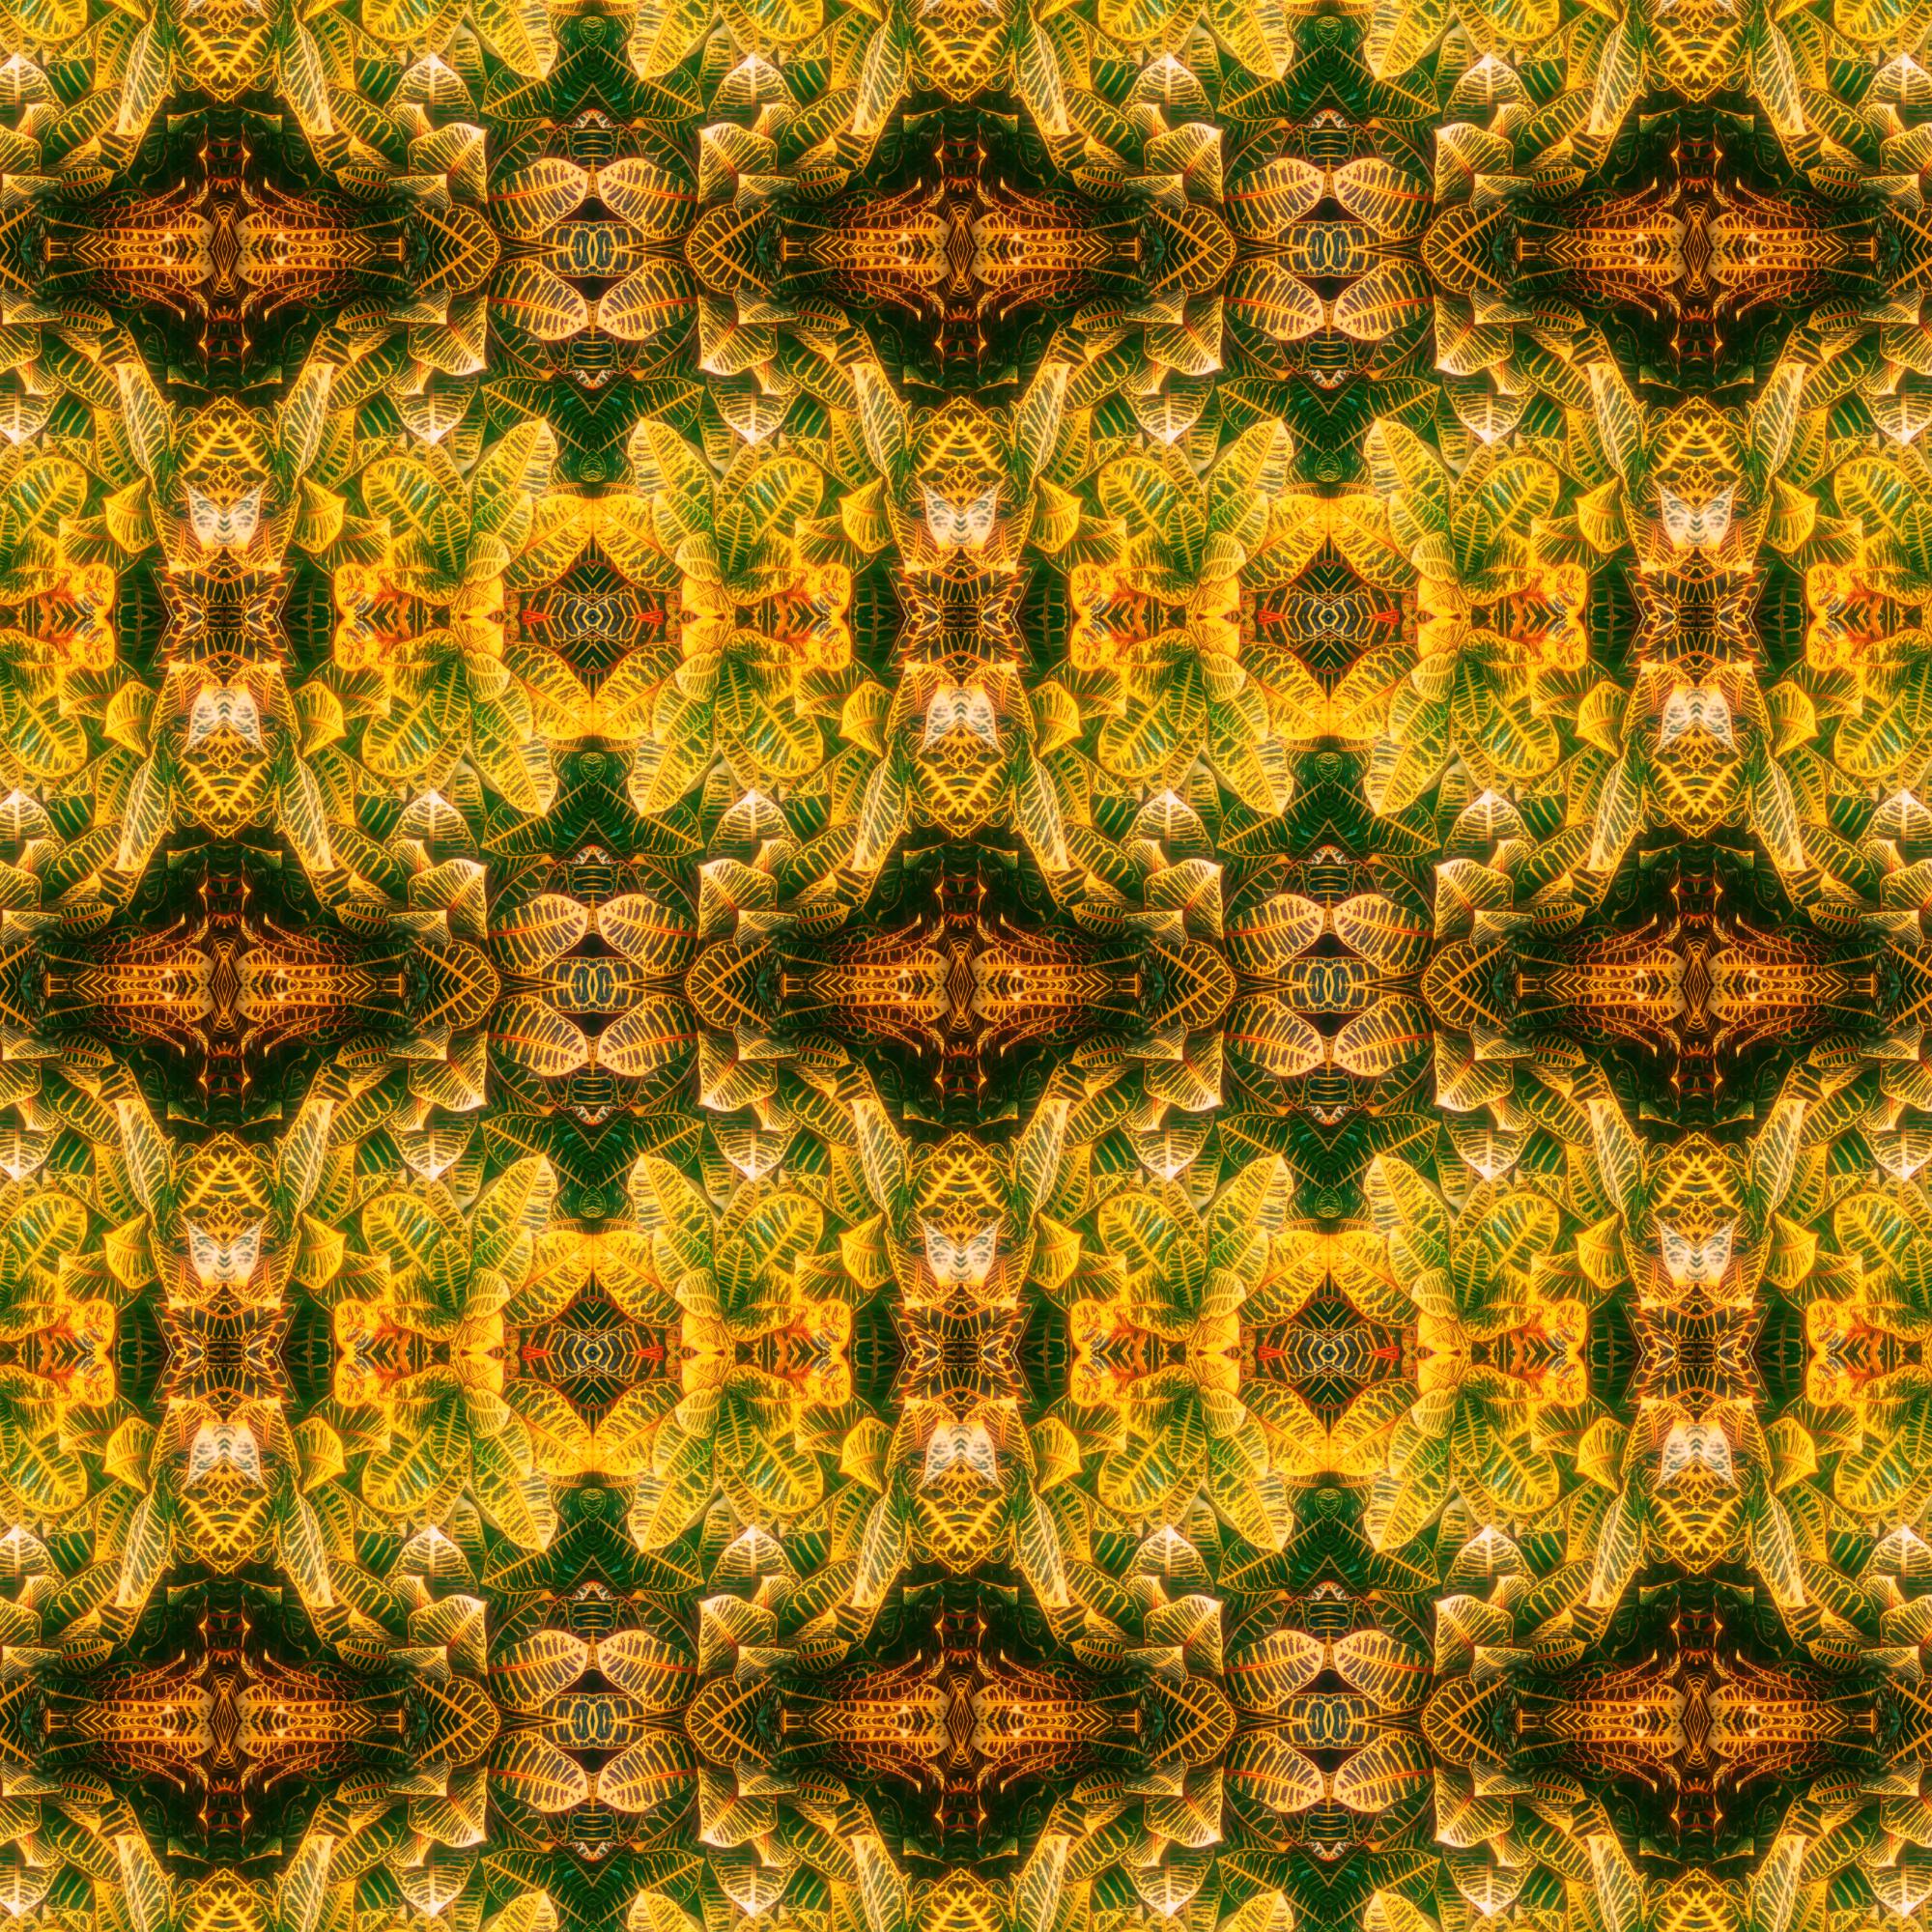 エレガントなリーフパターン&貴族スタイル壁紙:シャープ